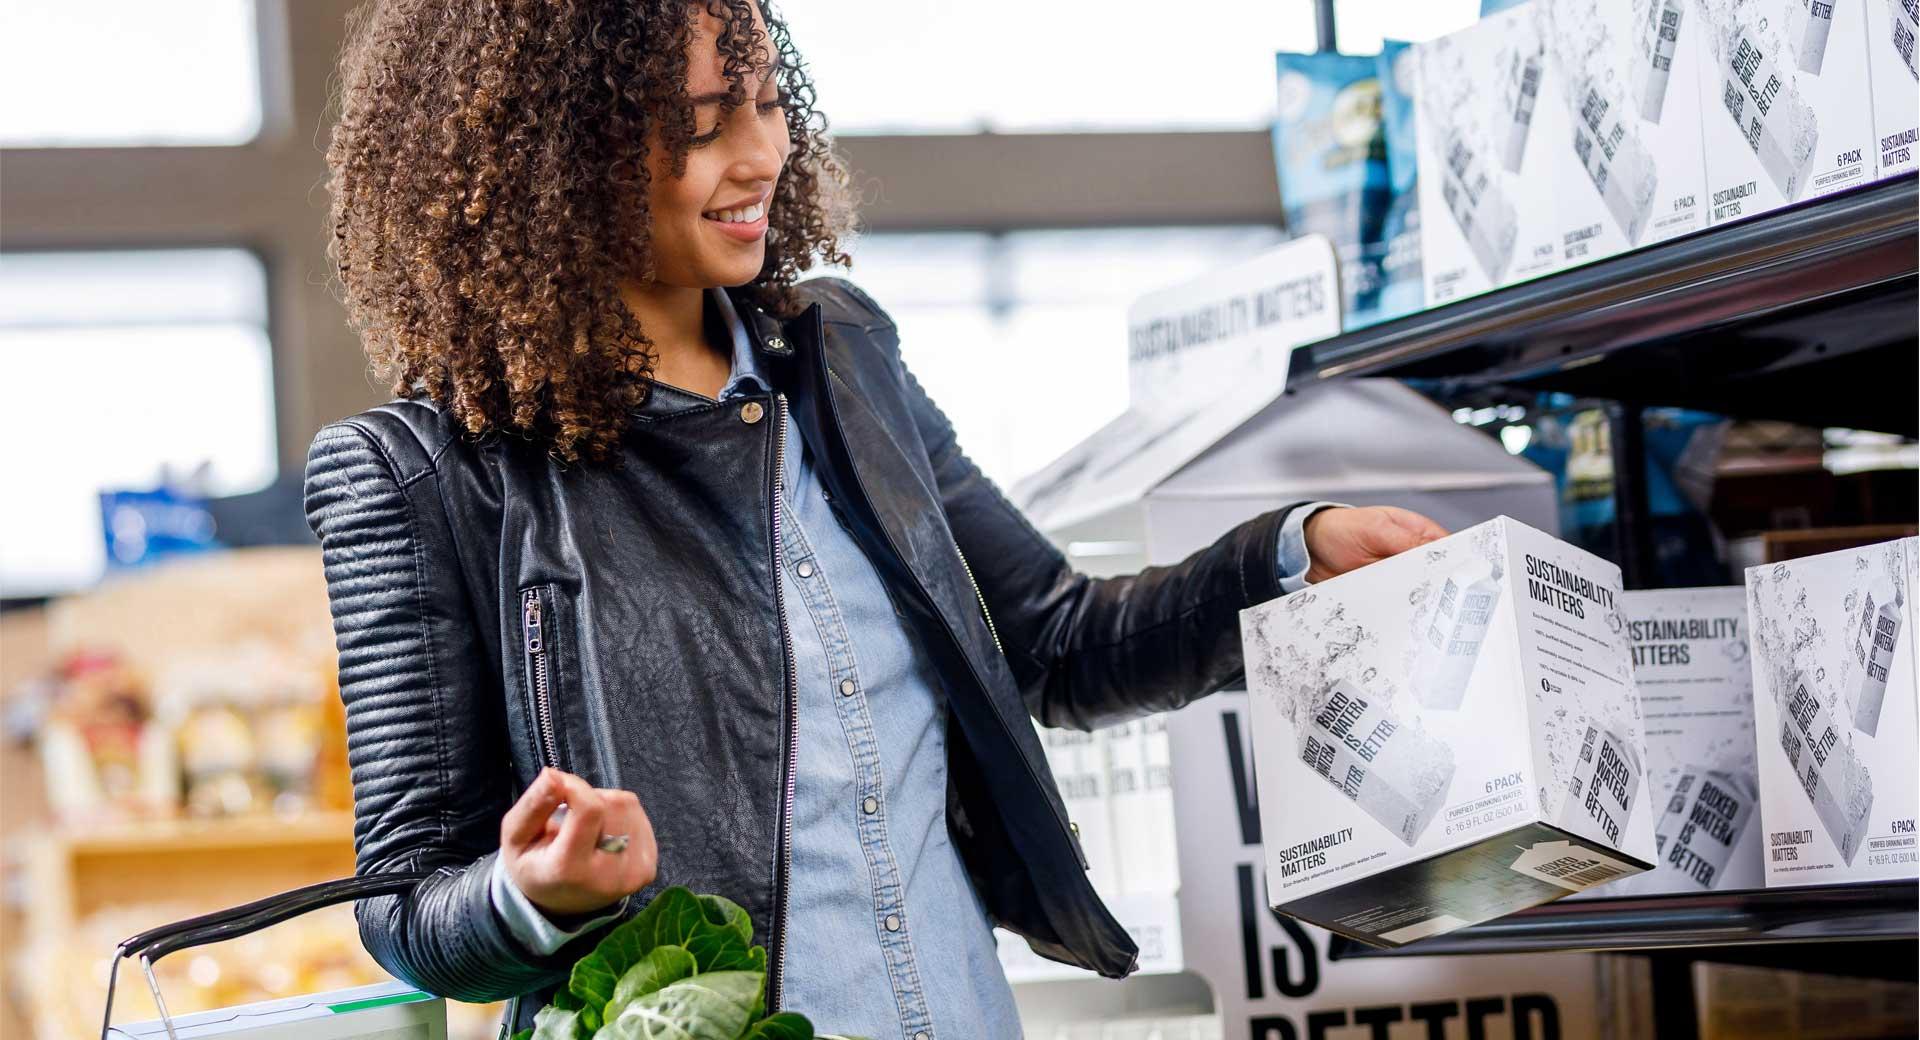 L'influenza del packaging nelle scelte di acquisto